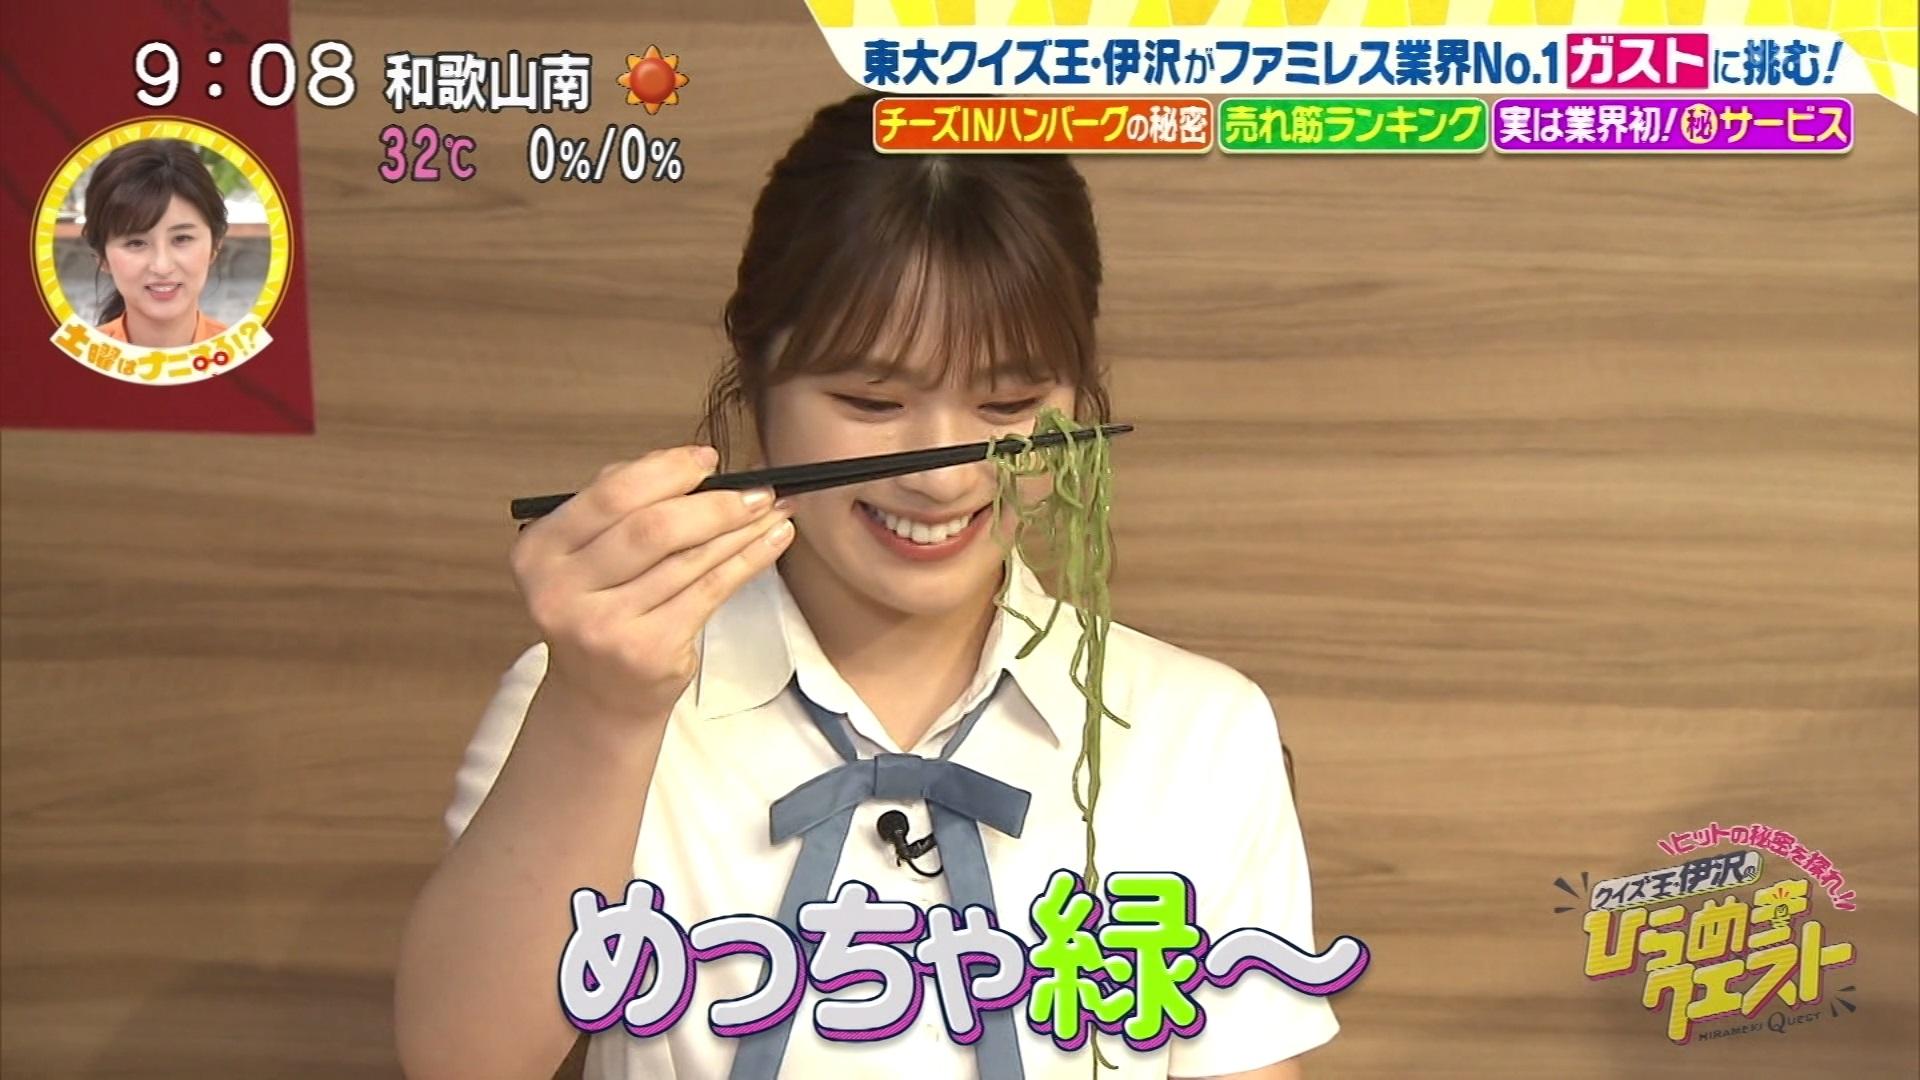 【渋谷凪咲】なぎさ出演8月15日に放送「土曜はナニする!?」の画像